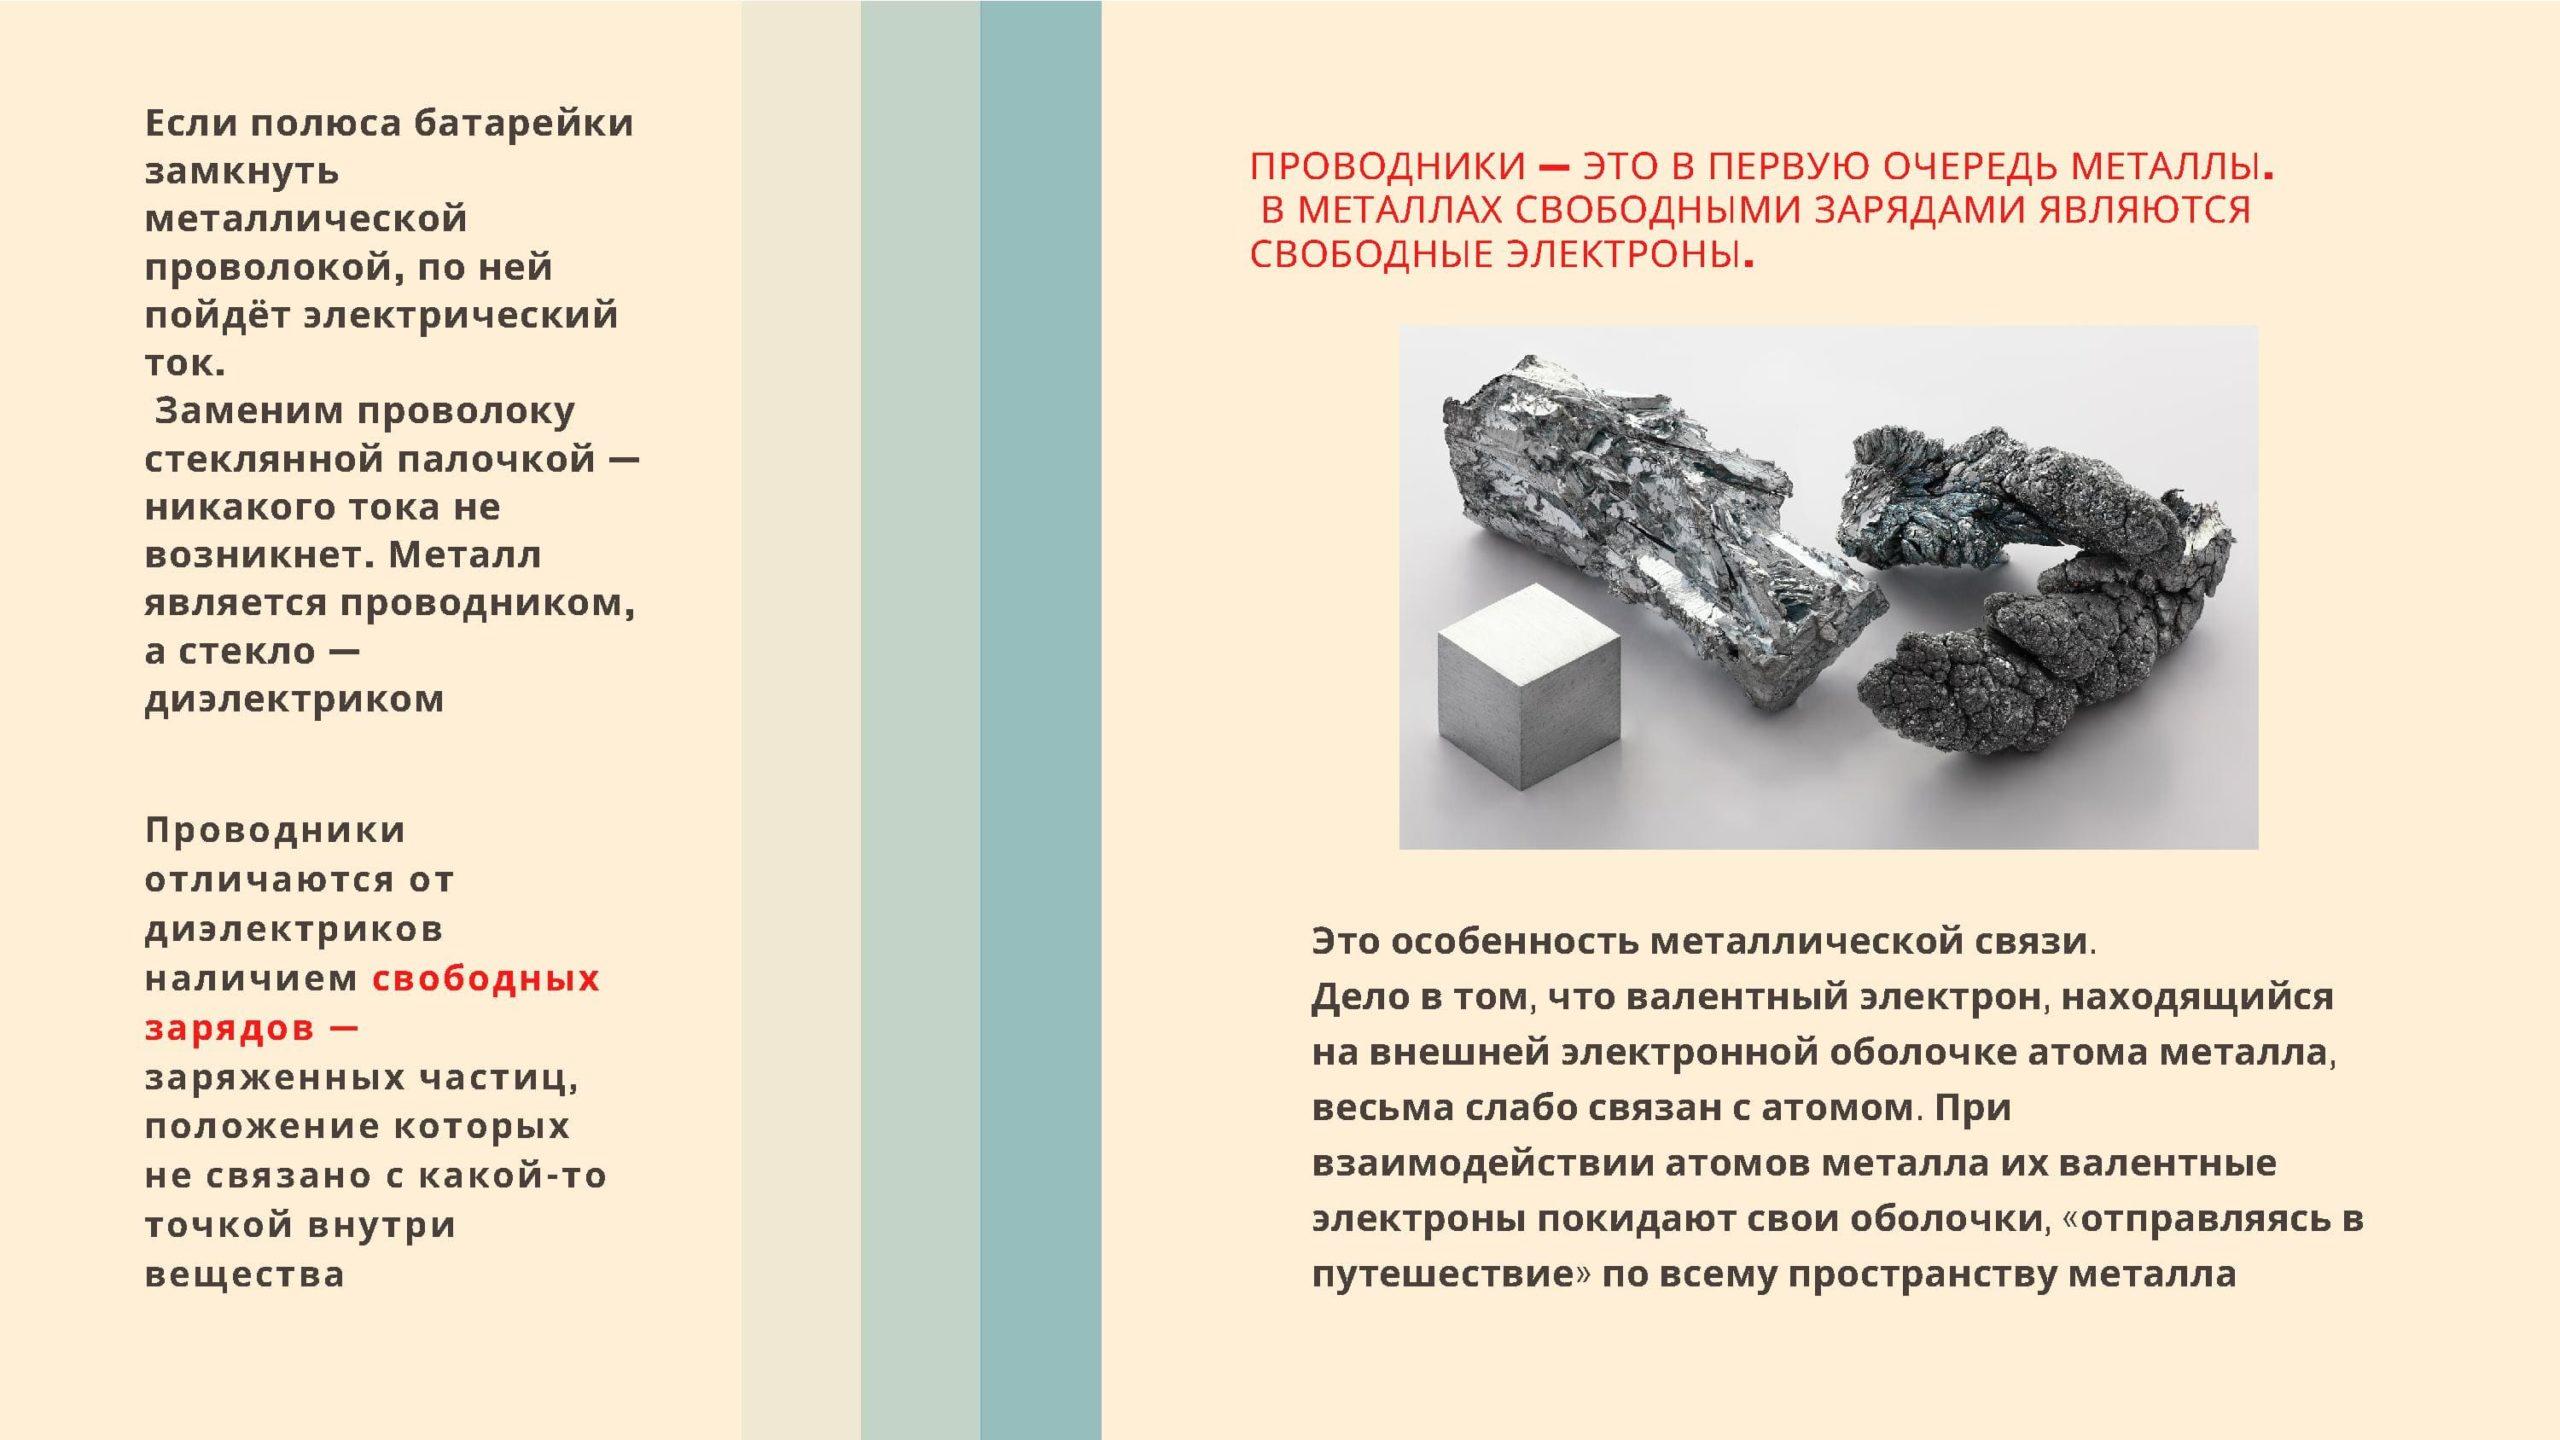 Проводники - это в первую очередь металлы, в металлах